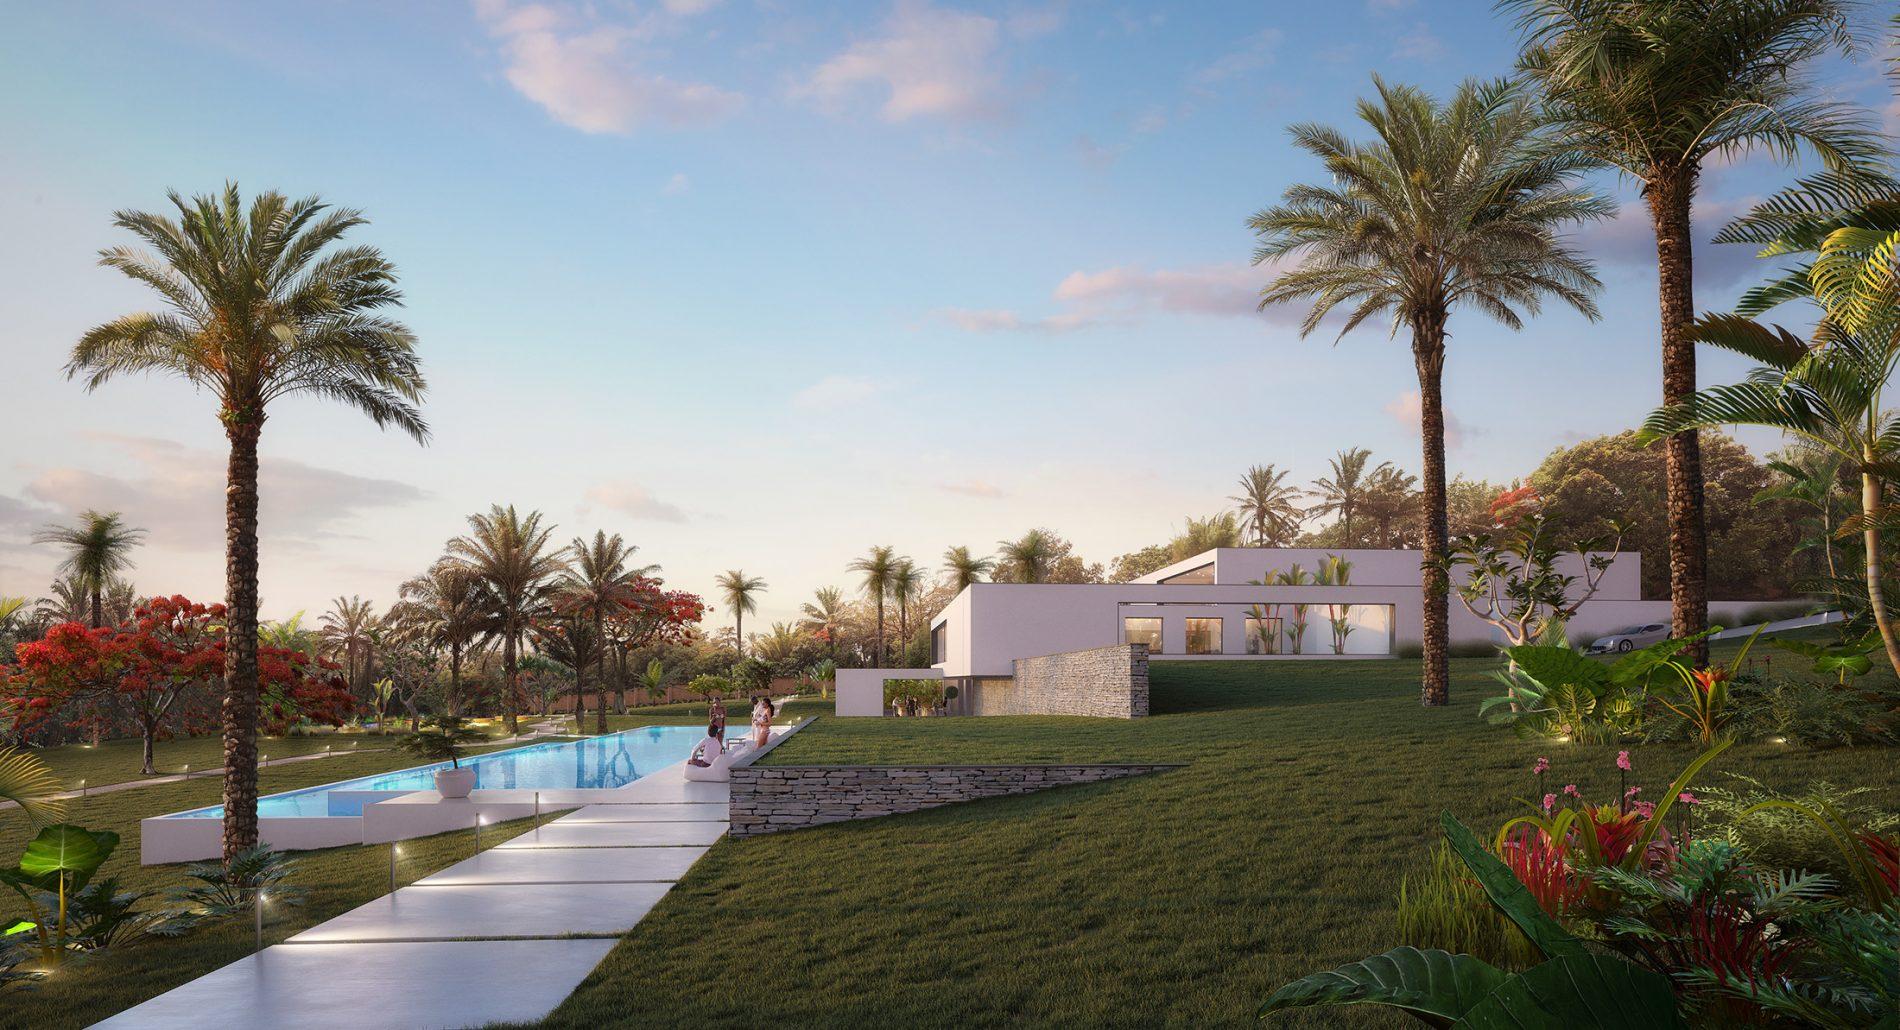 Vue du projet des architectes 2802 depuis le jardin luxuriant, au bord de la piscine entre chien et loup